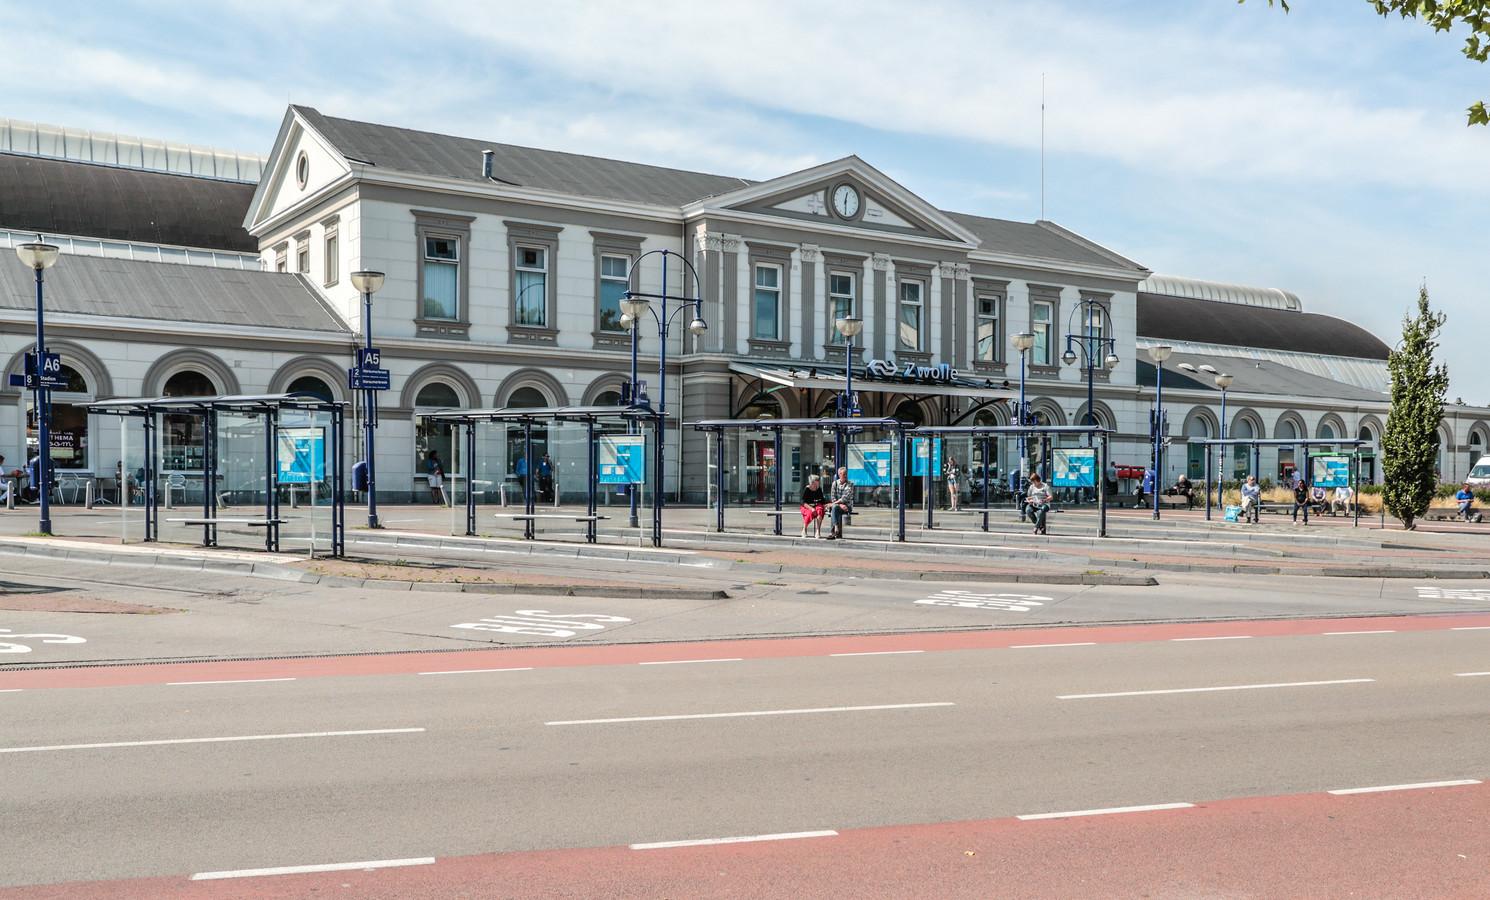 Station Zwolle dicht (dus geen treinen)